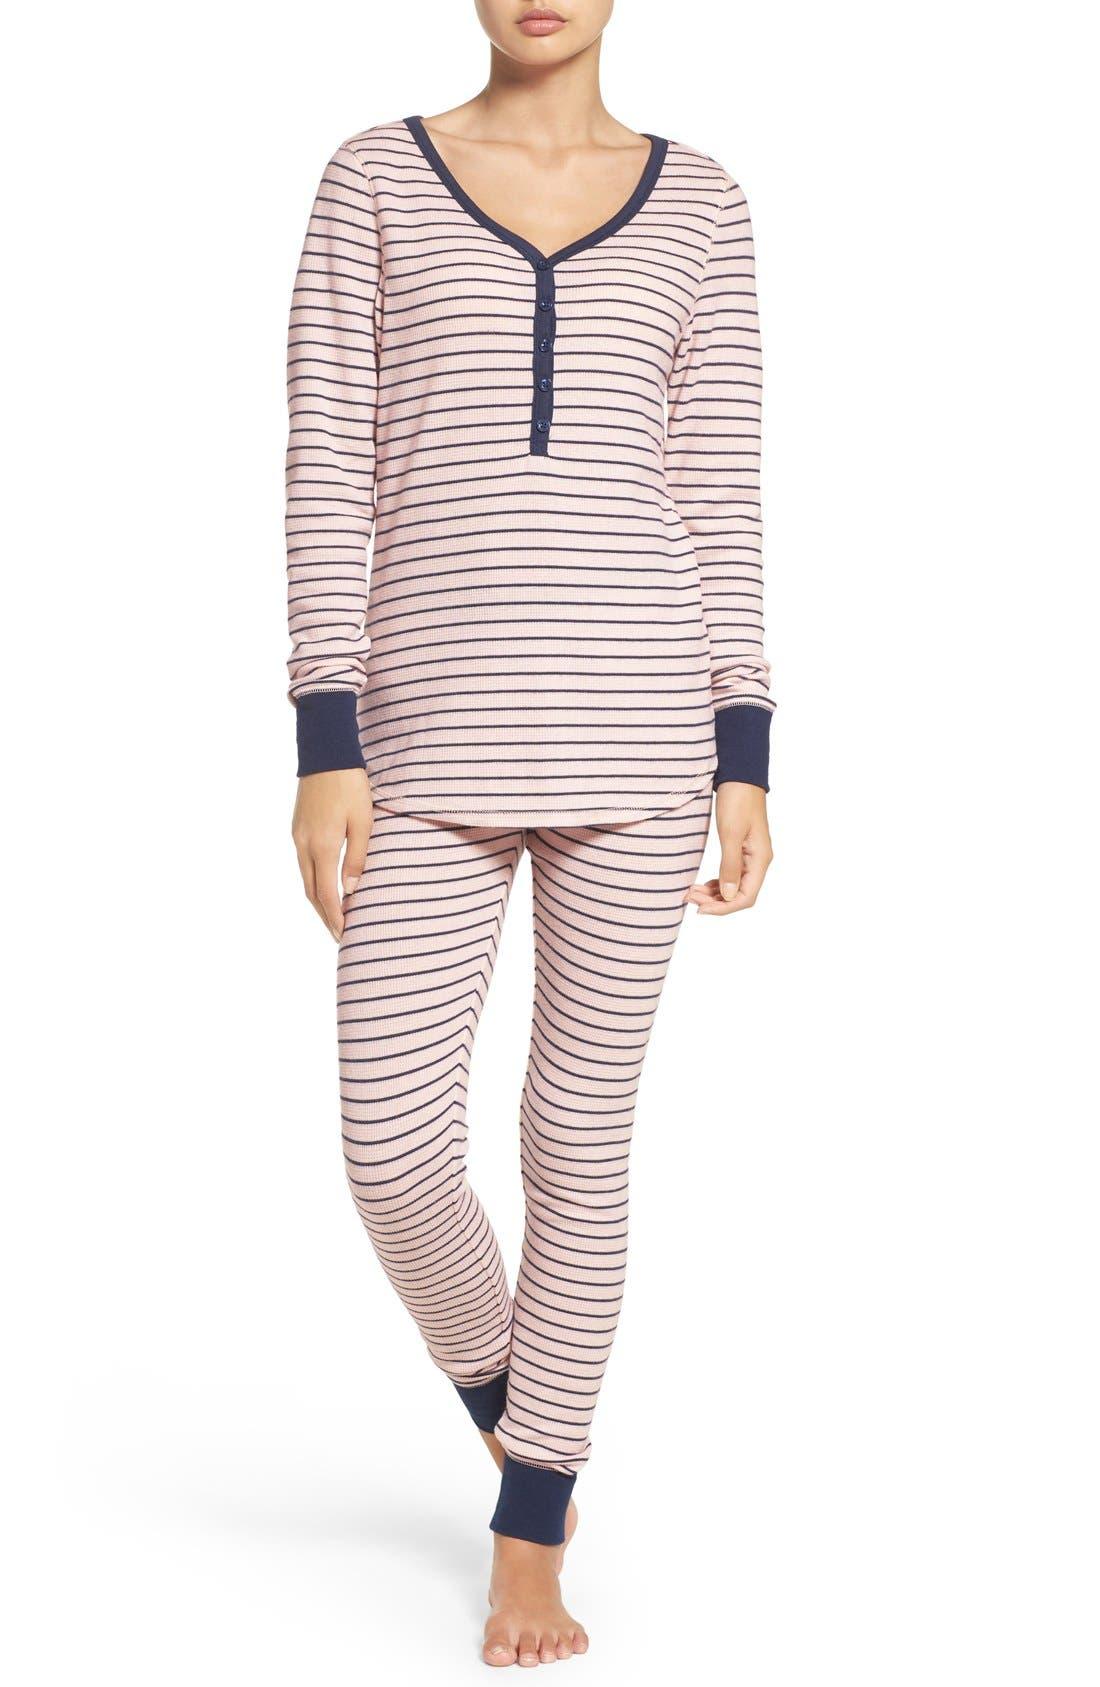 Alternate Image 1 Selected - Nordstrom Lingerie Sleepyhead Thermal Pajamas